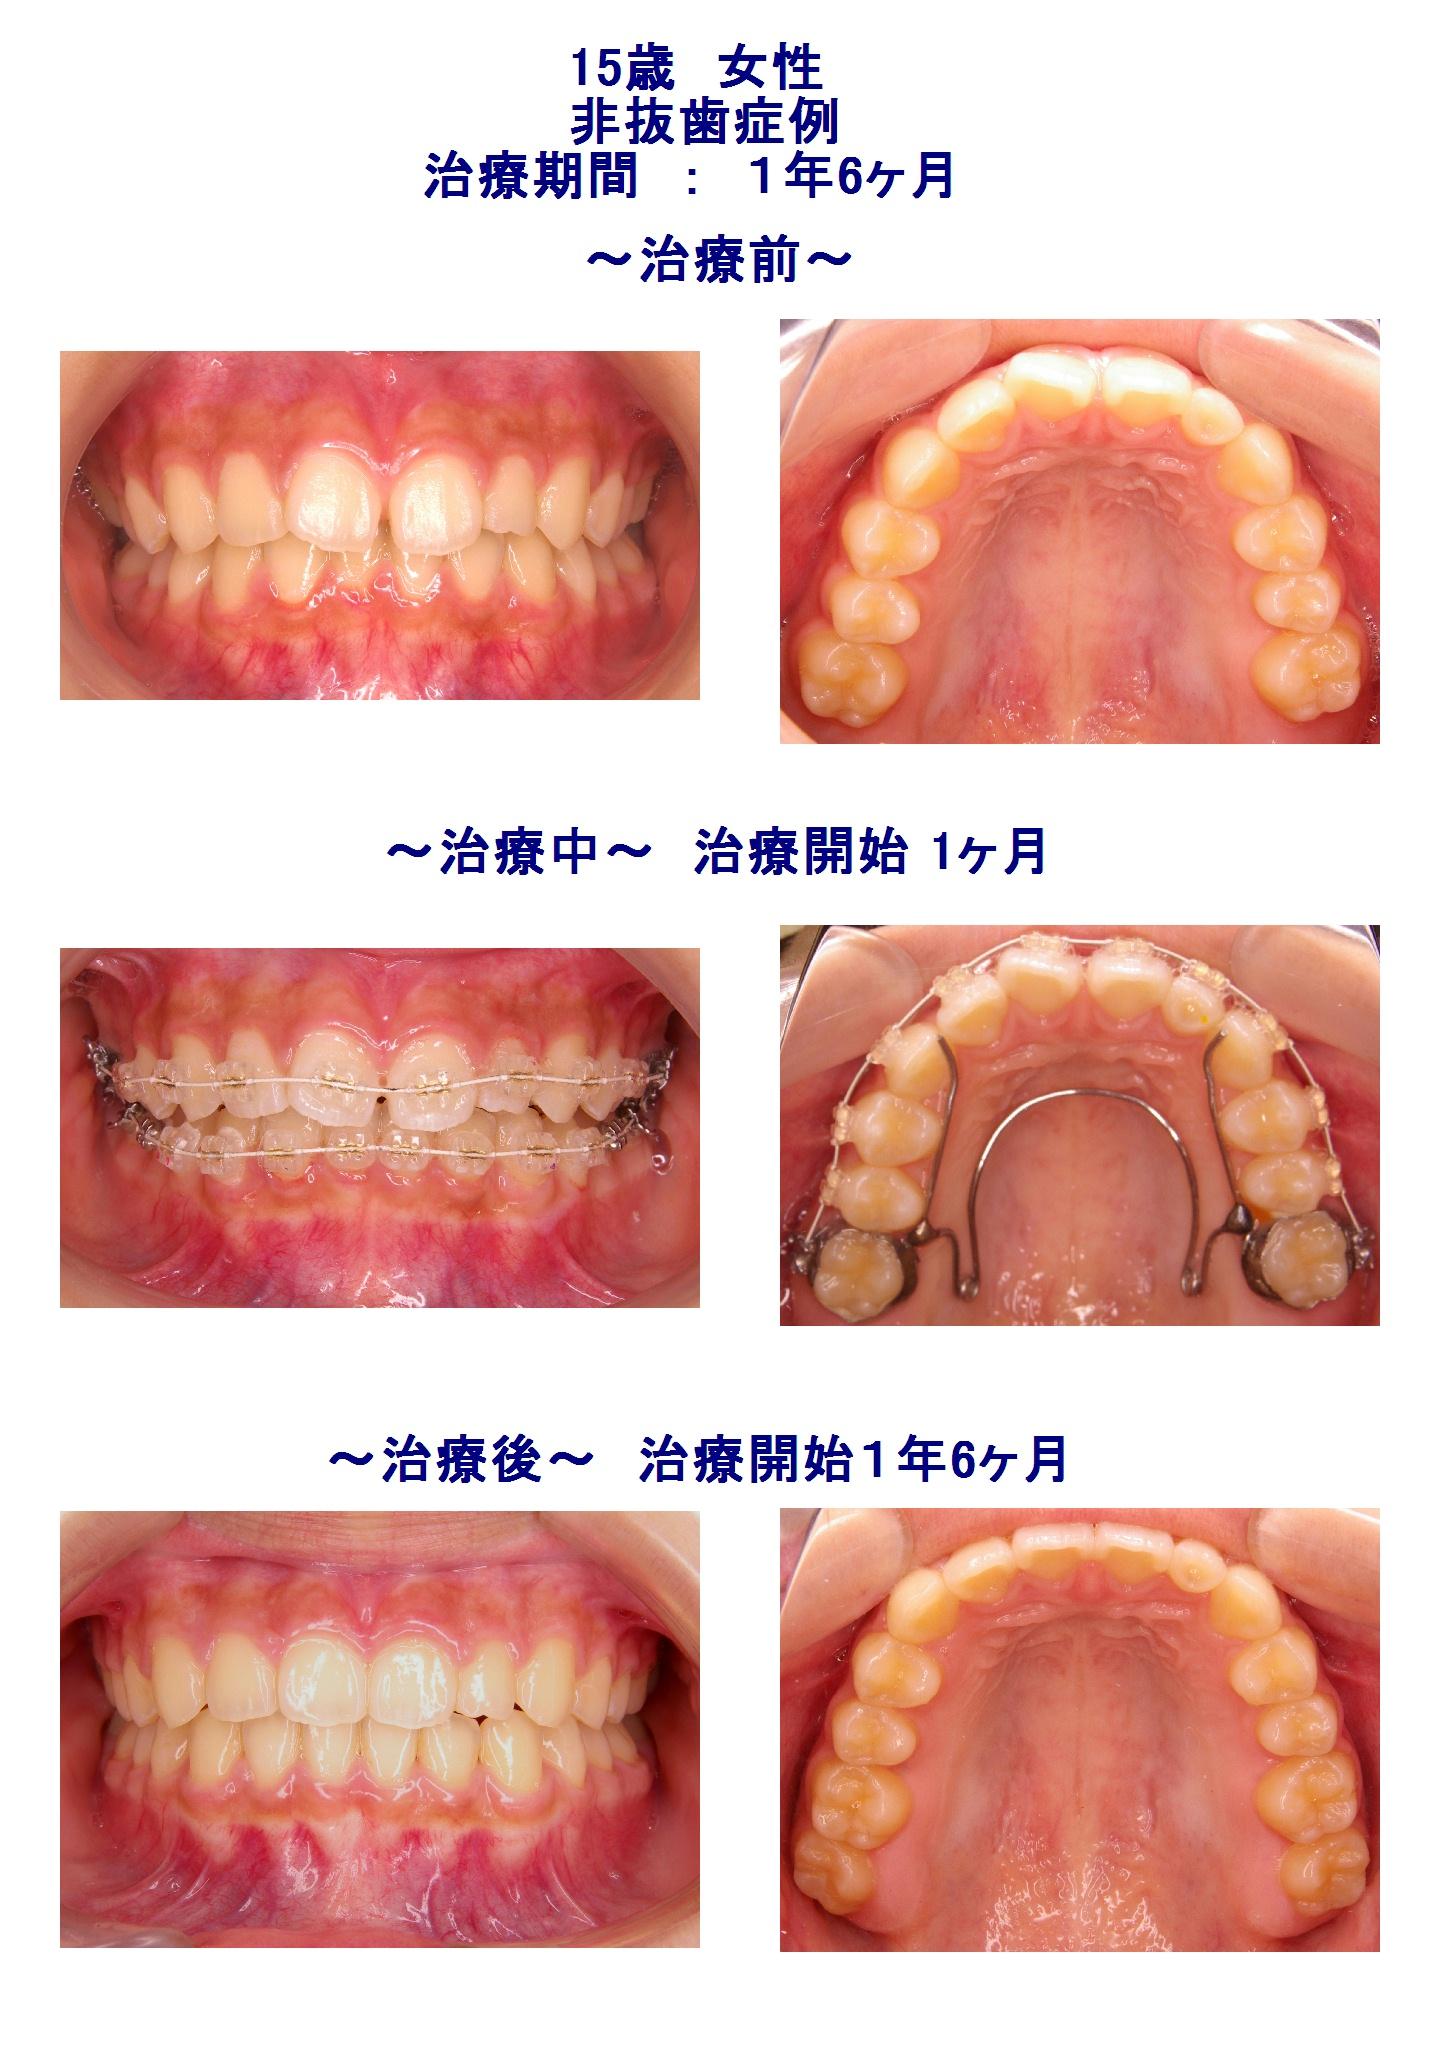 前歯のすき間(非抜歯症例)